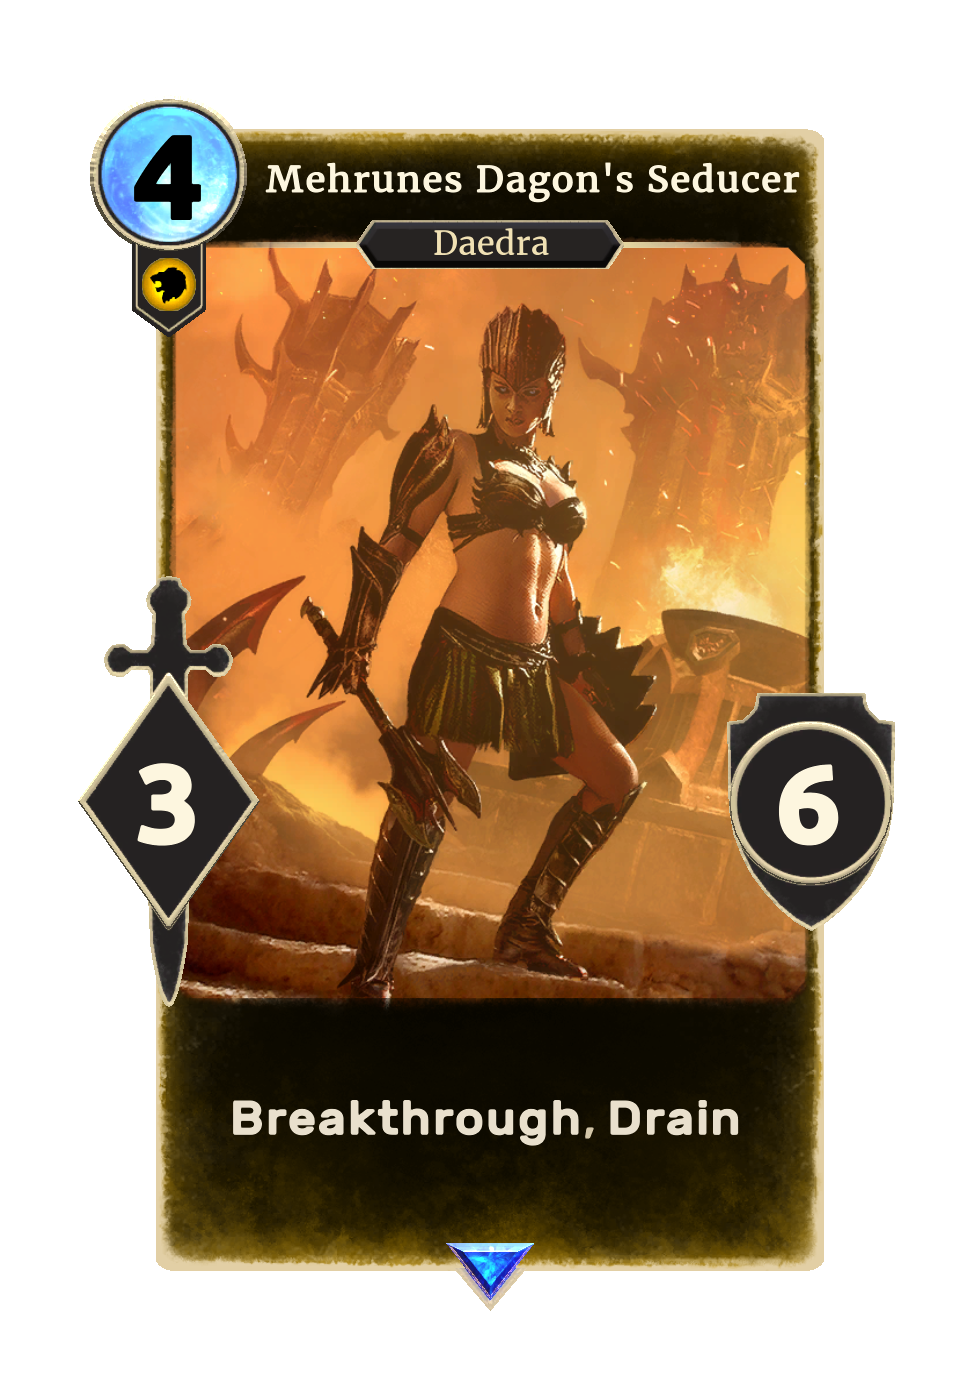 Mehrunes Dagon's Seducer